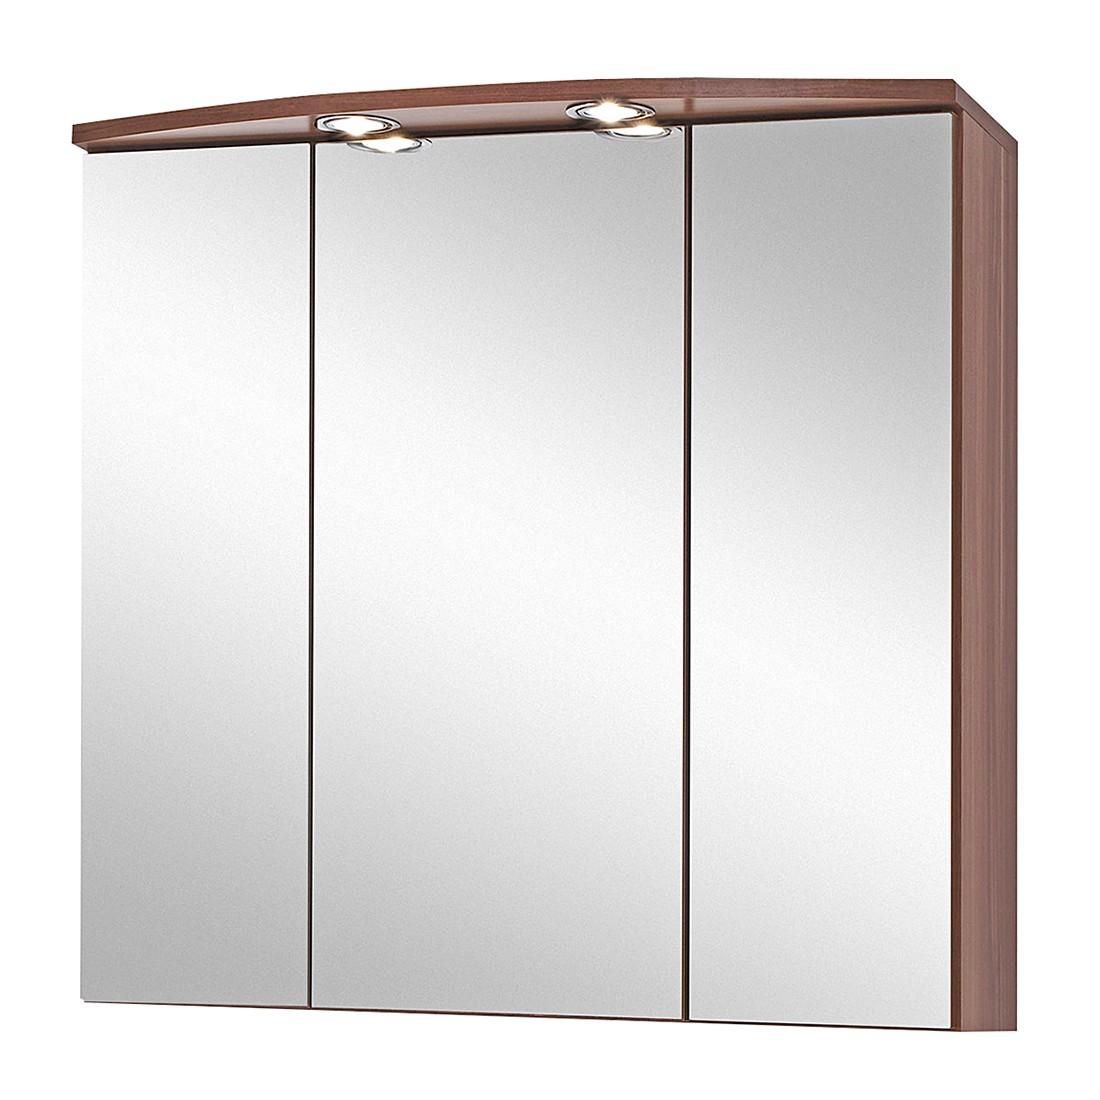 3d spiegelschrank marino nussbaum dekor for 3d spiegelschrank